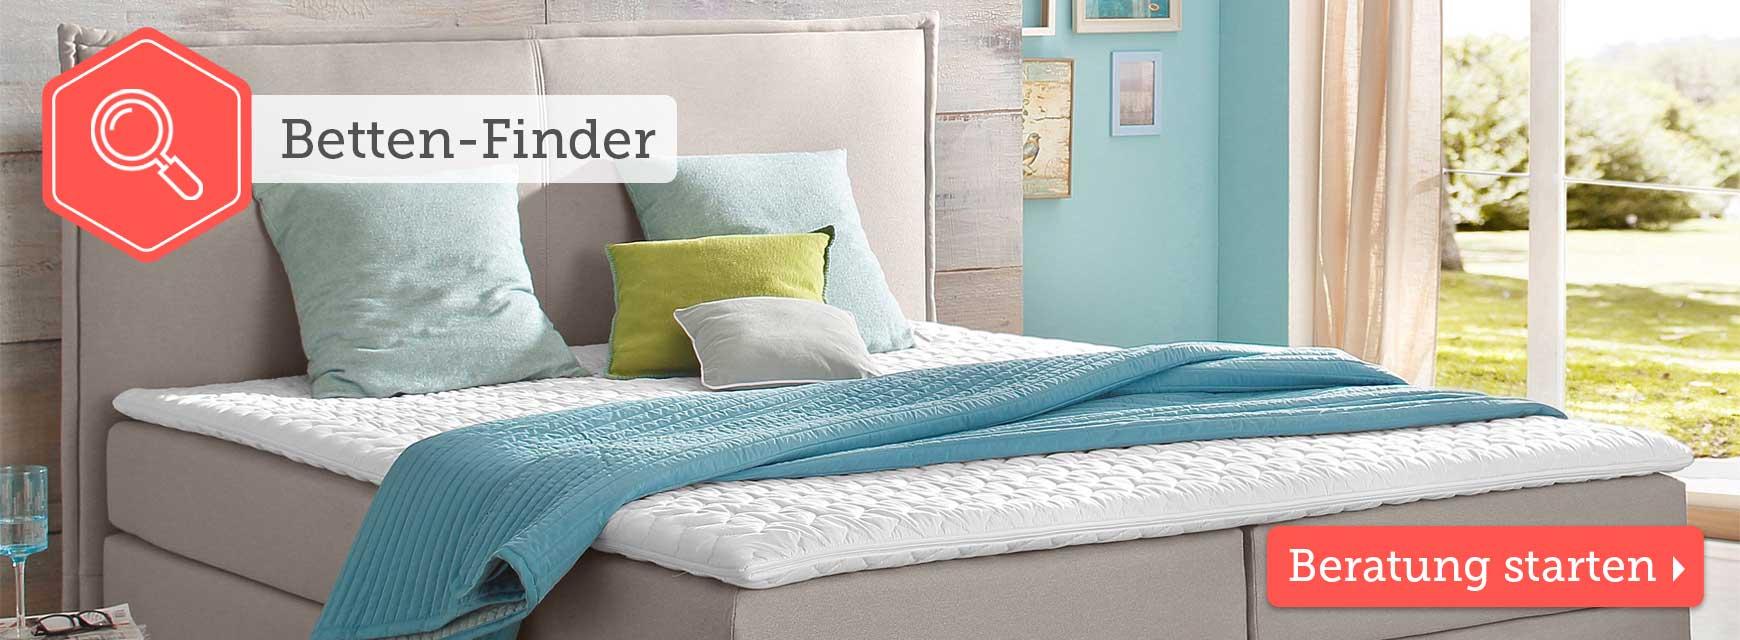 Full Size of Bett 120x200 Mit Bettkasten Weiß Betten Matratze Und Lattenrost Wohnzimmer Stauraumbett Funktionsbett 120x200